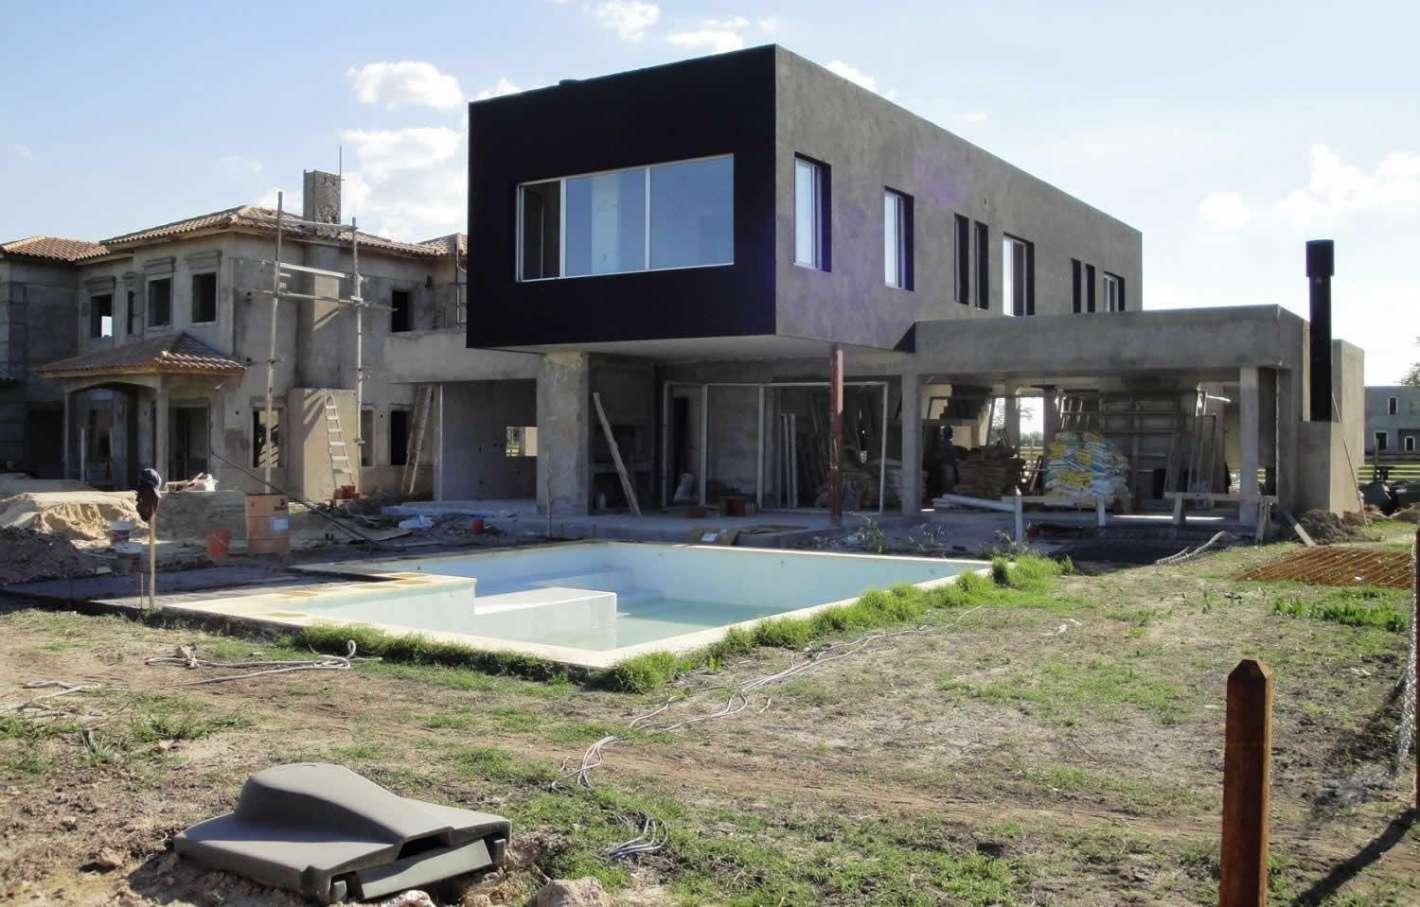 Qué características debe tener una casa antisísmica - Mendoza Post